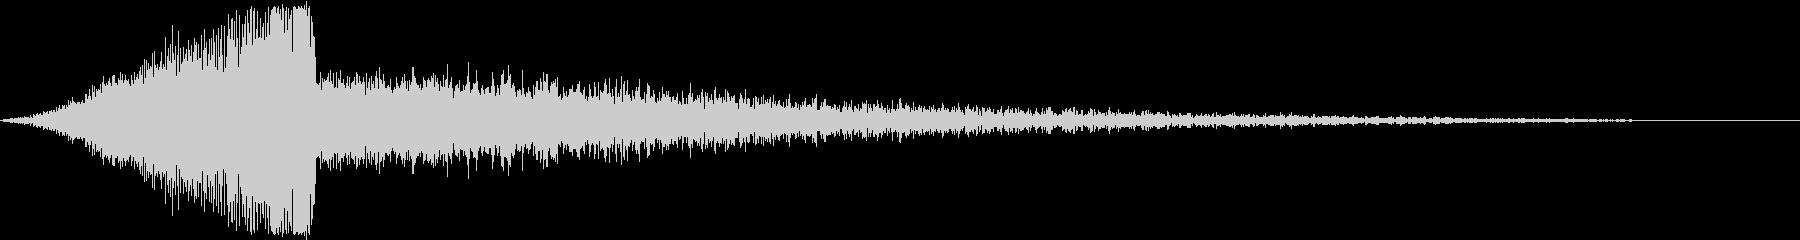 【シーン切替】ダークシネマサウンド_04の未再生の波形